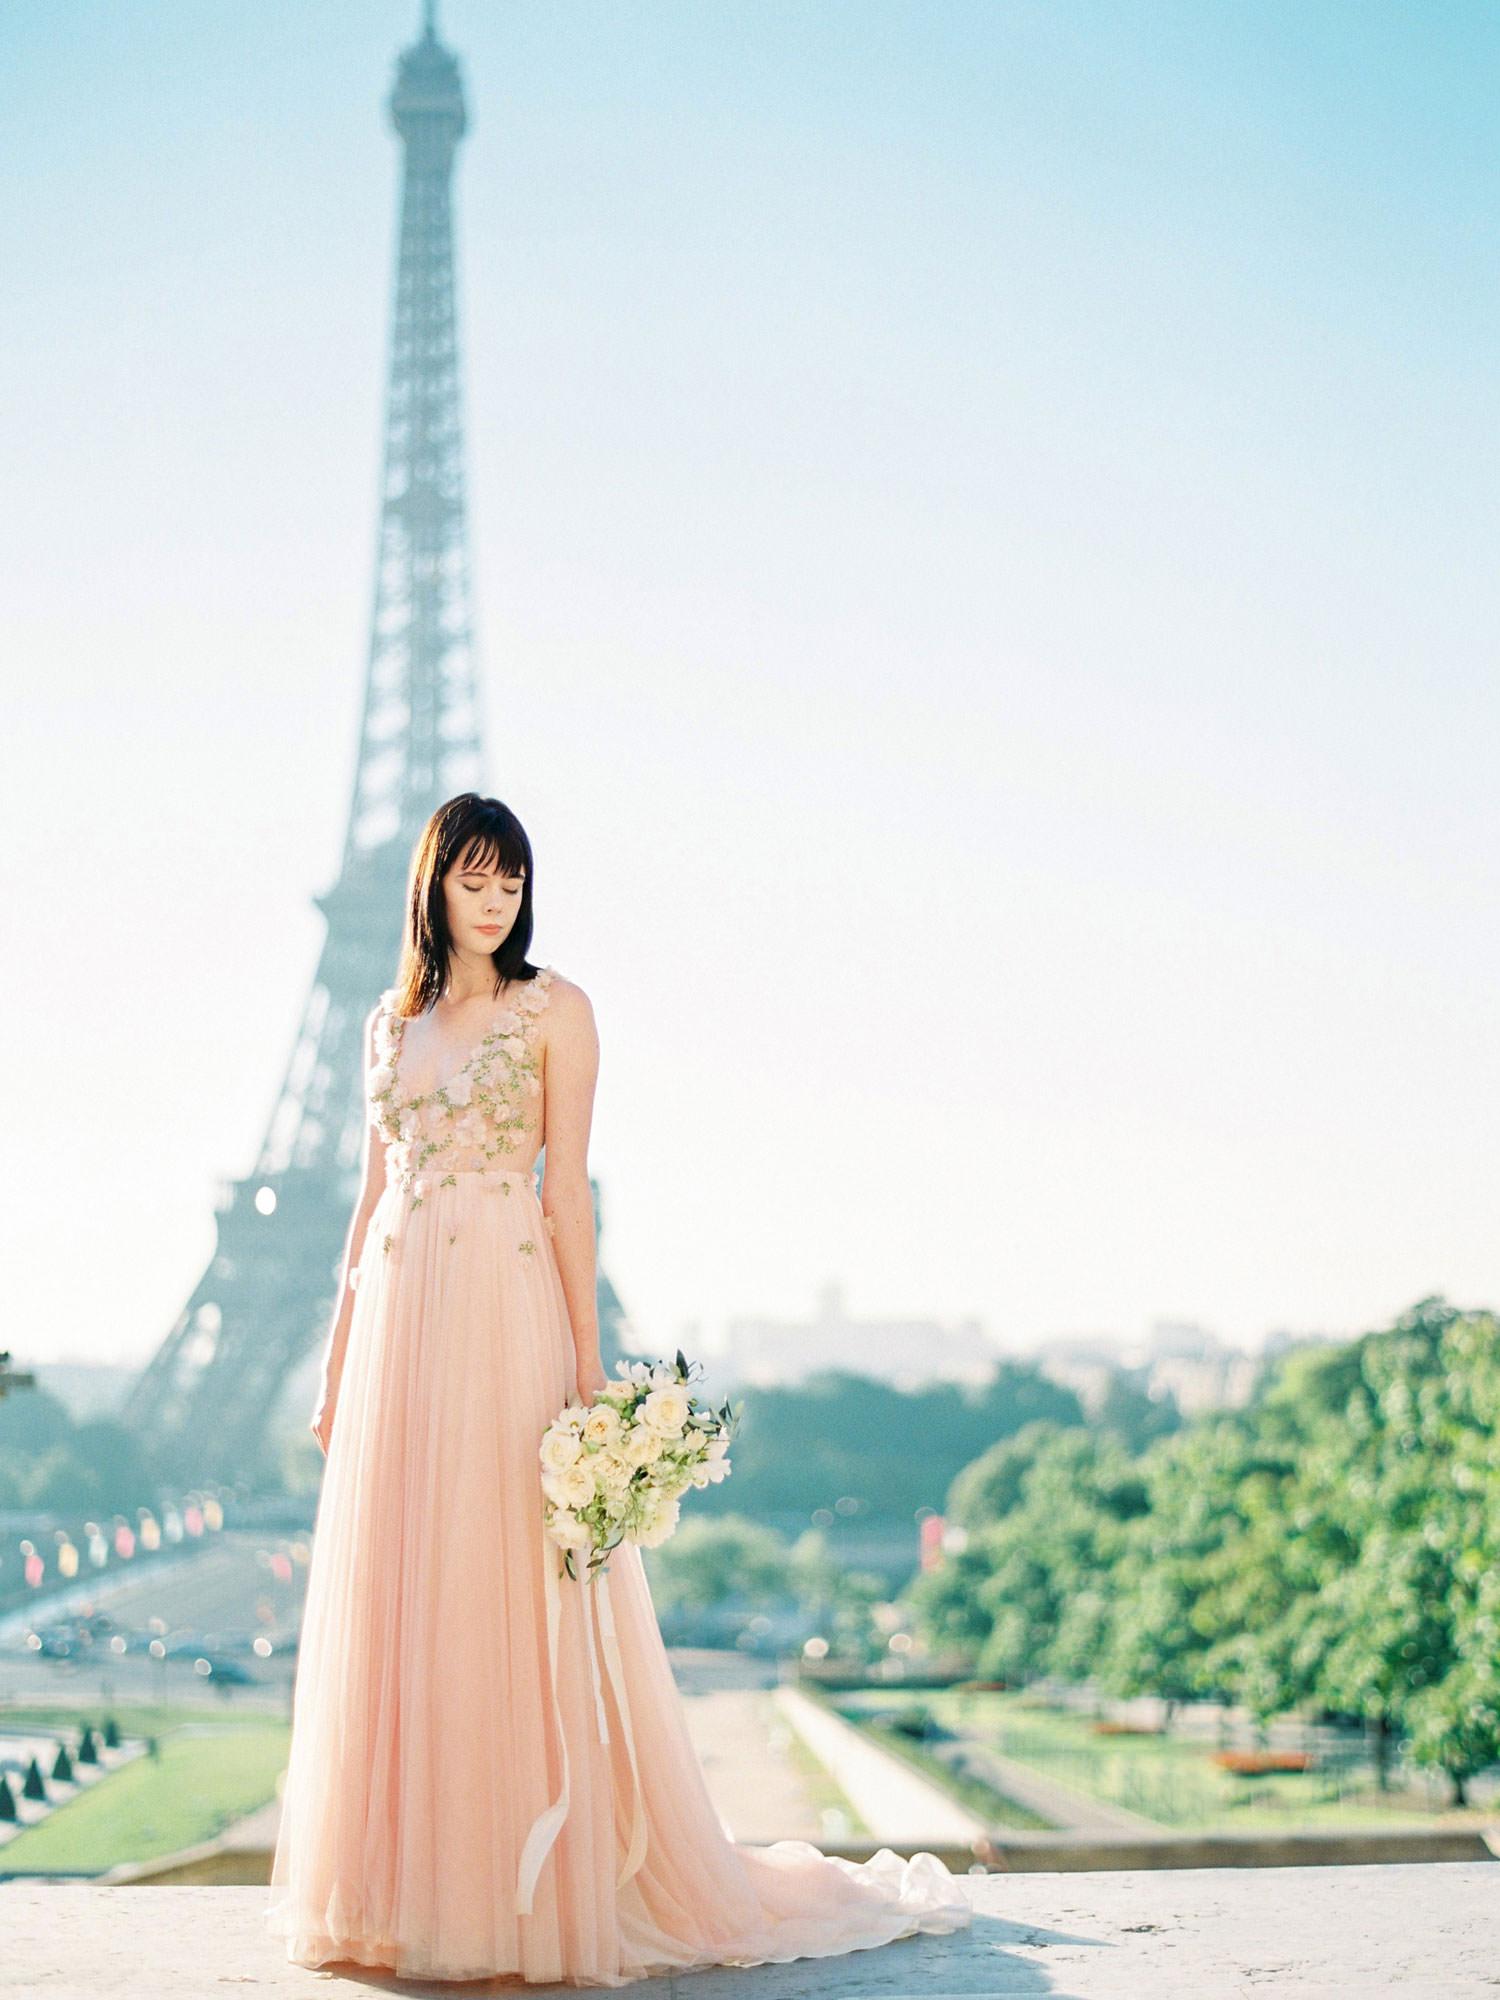 summer walk in paris